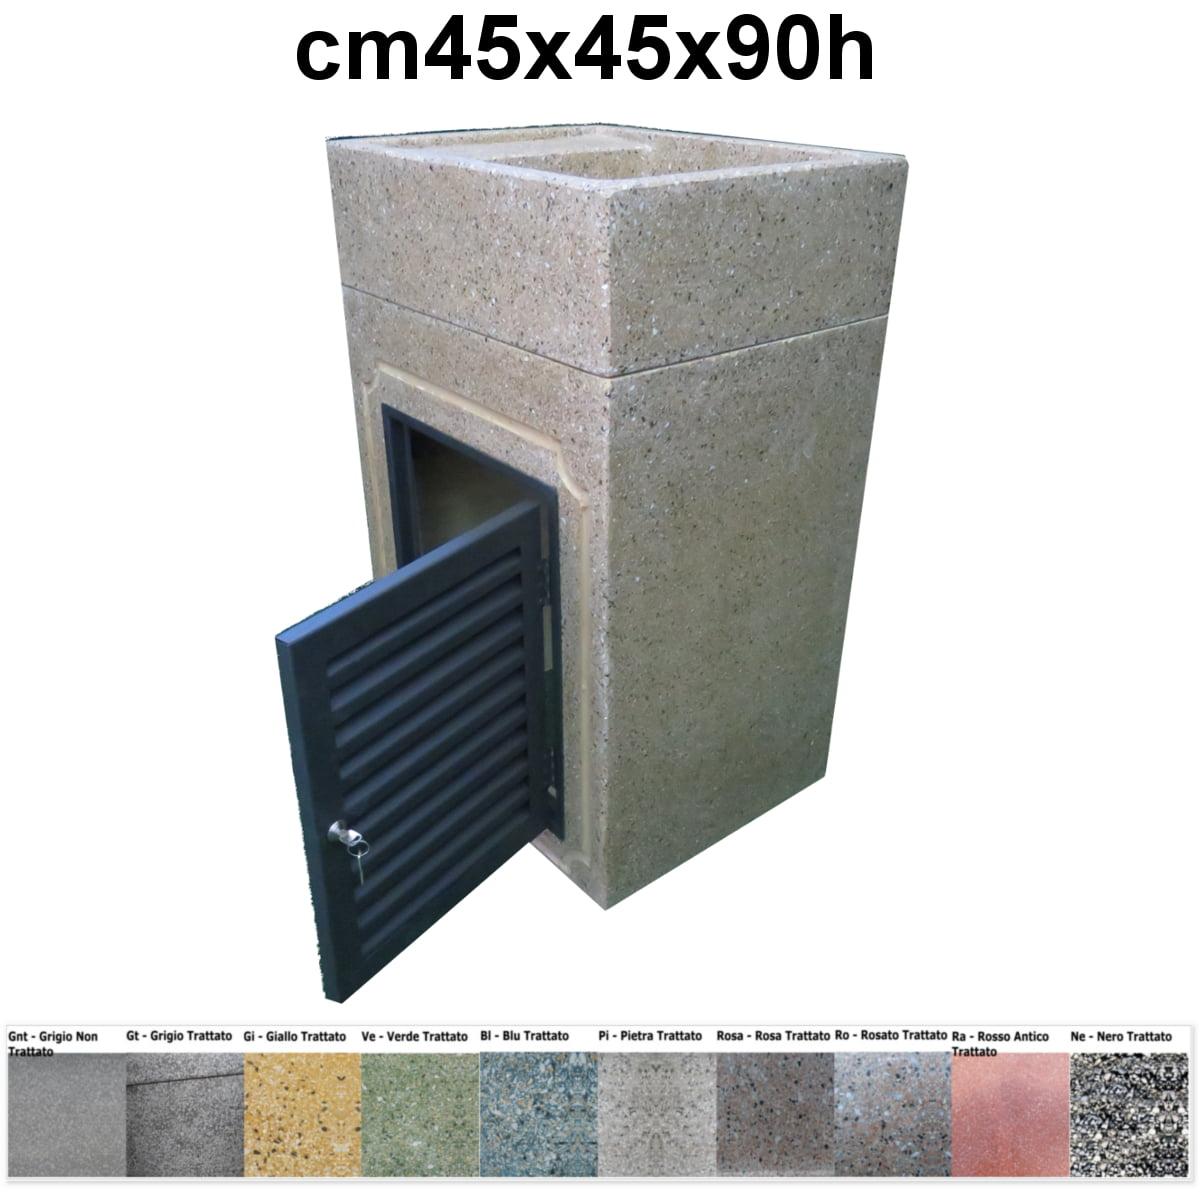 Lavabi Da Esterno Moderni.Lavabo Da Esterno 293 Con Sportello In Grafite 299 Offerta